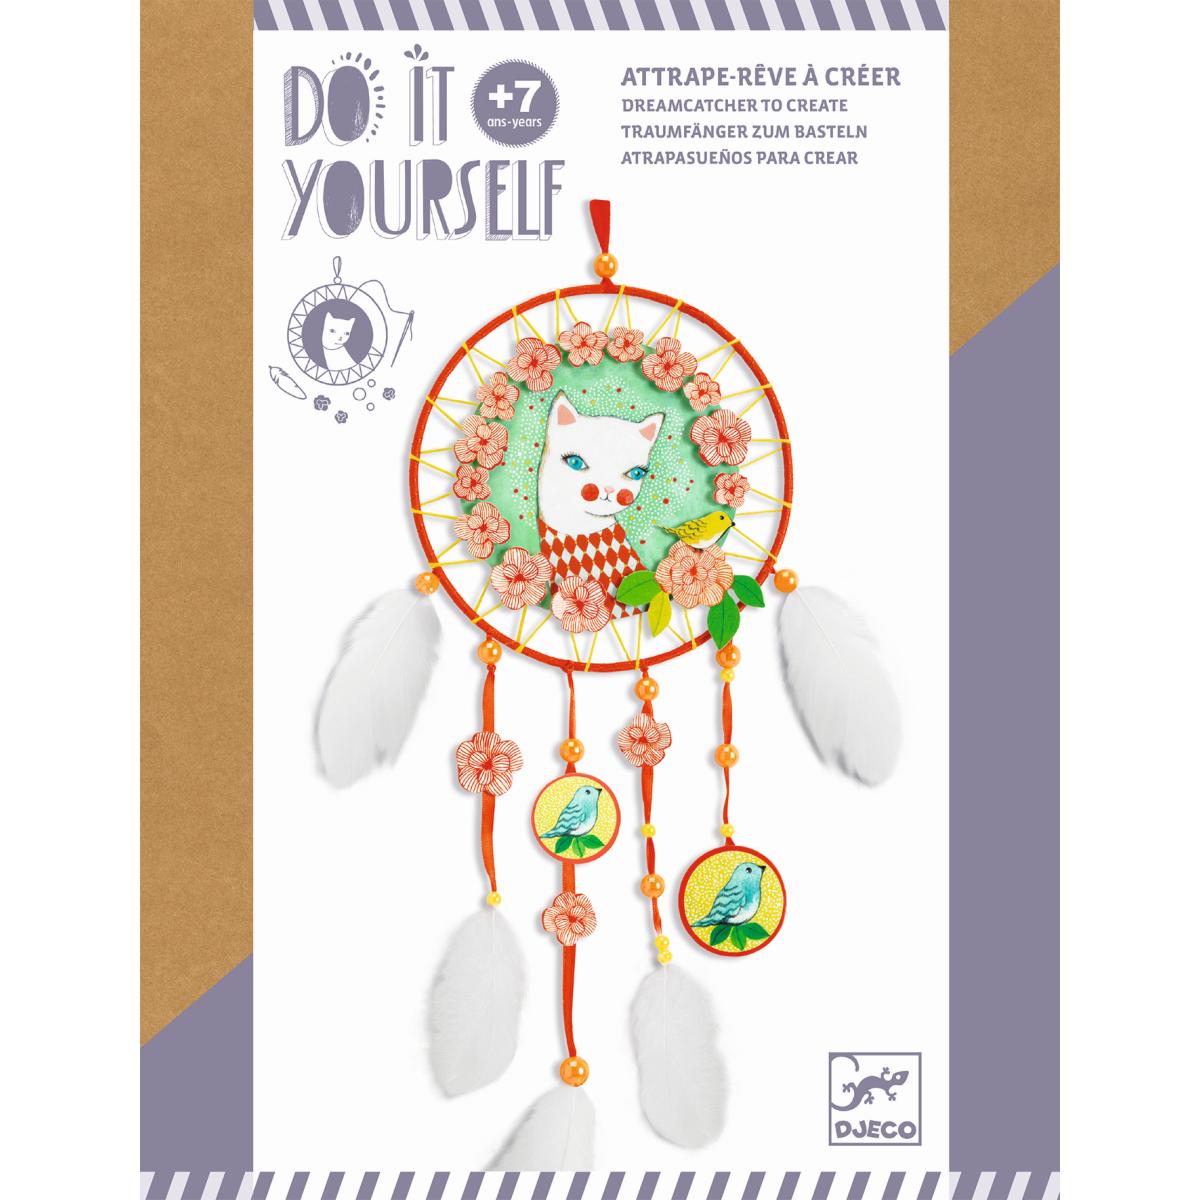 Do it yourself: Traumfänger zum Basteln: Katze